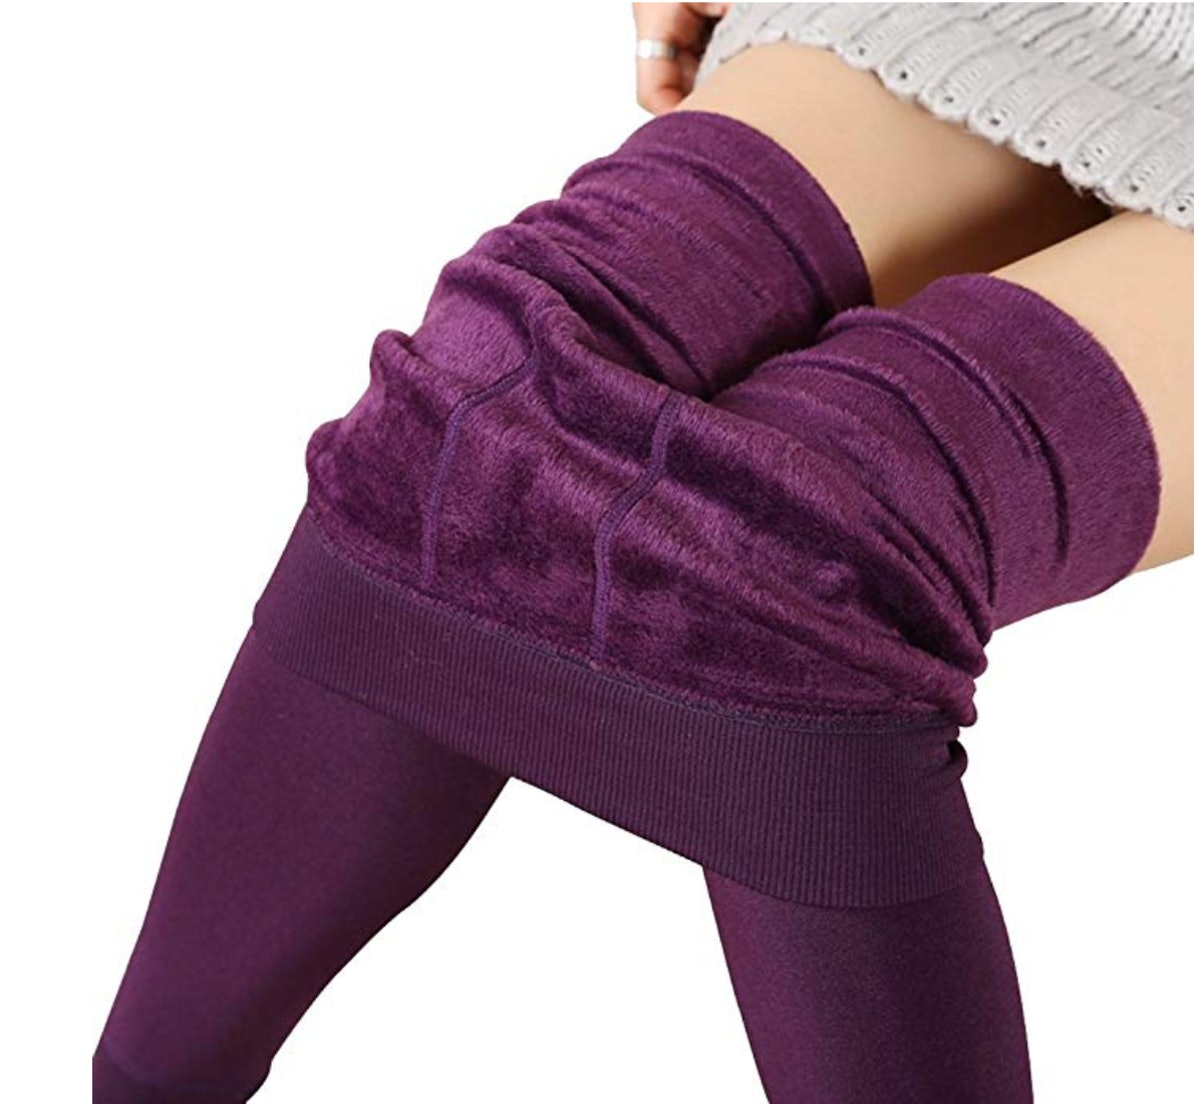 Romastory Winter Warm Women Velvet Elastic Leggings